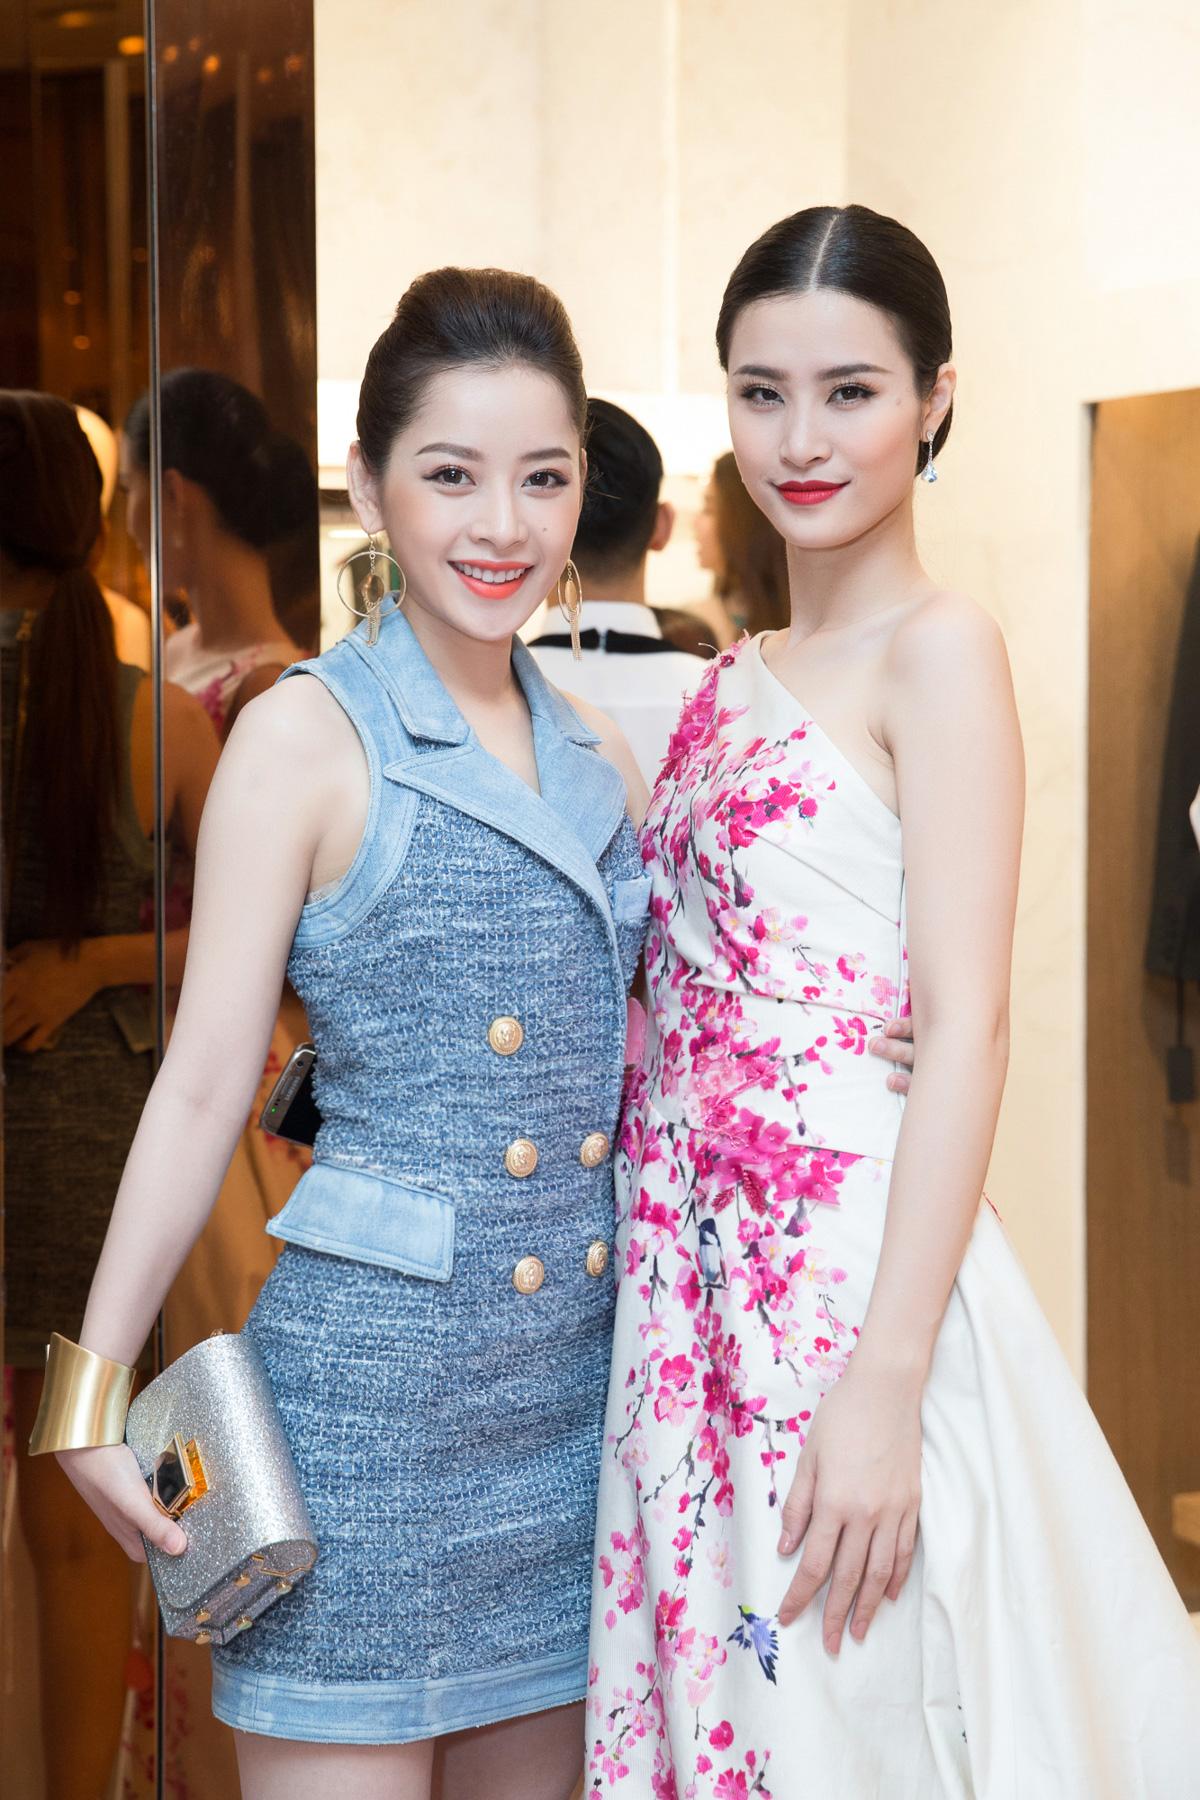 Hà Hồ, Chi Pu nổi bật dự sự kiện thời trang của bố mẹ chồng Hà Tăng 6